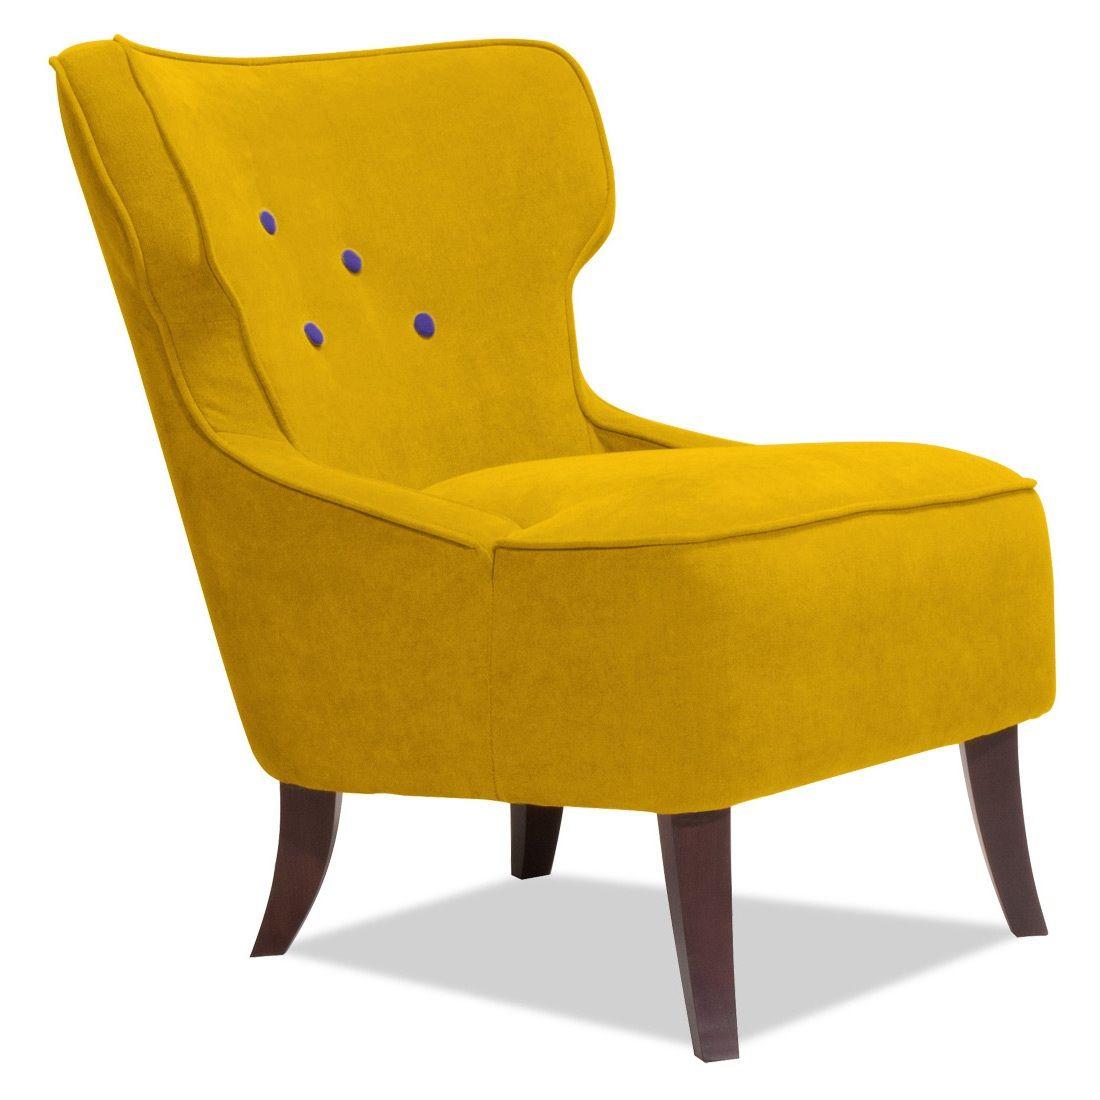 Bemerkenswert Designer Fernsehsessel Ideen Von Sessel Senfgelb-violett Loungesessel